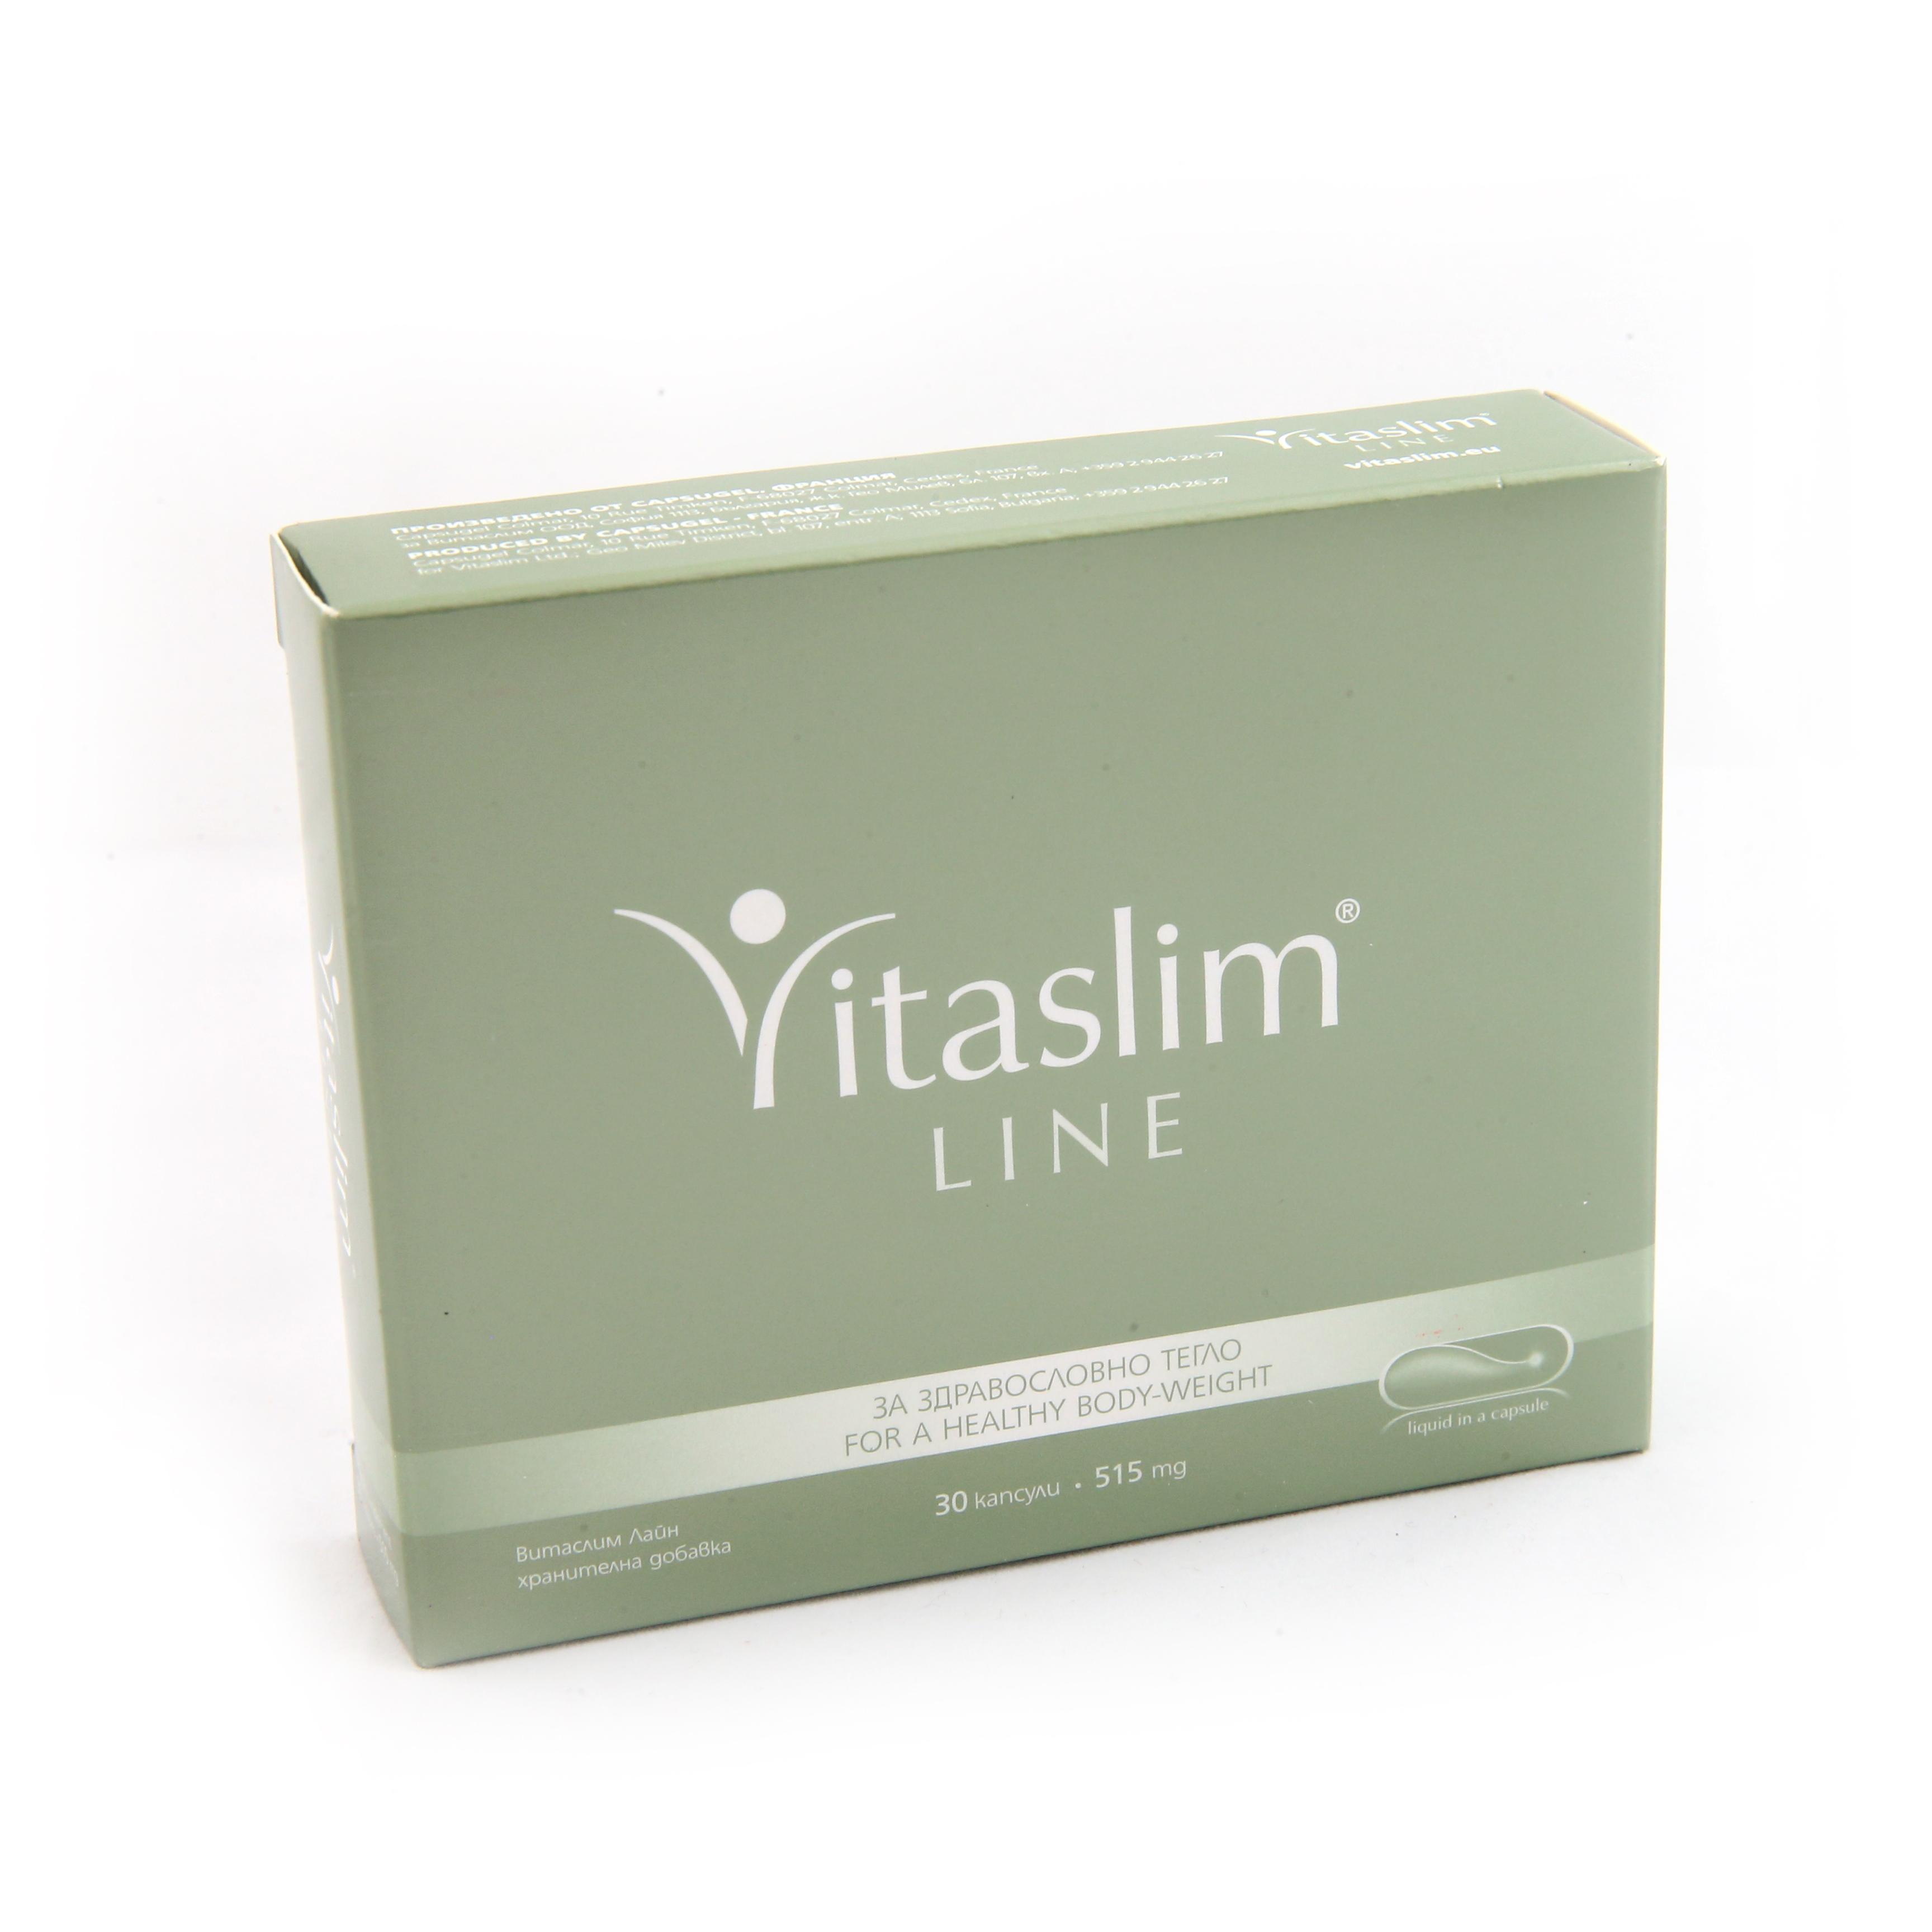 Описание  ВИТАСЛИМ ЛАЙН / VITASLIM LINE е добавка към храната с концетрирано действие върху проблемните зони- талия, ханш и бедра. Витаслим Лайн е с балансирана формула за намаляване на телесното тегло, като същевременно осигурява дълготраен ефект и поддържане на килограми в здравословни граници. Vitaslim LINE ускорява обмяната на веществата, съдейства за редуциране на мастната тъкан и инициира бързото освобождаване на енергия в организма. Подобрява телесната композиция (съотношението мастна маса – мускулна маса). Препоръчваме ви да комбинирате Витаслим Лайн с контролиран и балансиран режим на прием на храна, както и с физическа активност, за да се получи желания и видим резултат.    За още по-добър резултат можете да комбинирате прием на Vitaslim LINE с добавката Vitaslim LIGHT.  Действие  Vitaslim LINE съдържа конюгирана линолова киселина (CLA), която е с клинично доказано действие за редуциране на телесното тегло. Приемът й ускорява метаболизма на мазнините и тяхната загуба, намалява натрупаните мастни вещества в коремната област и подобрява формирането на чиста мускулна маса. Поддържа здравословни нива на холестерола и кръвната захар и засилва имунитета.   Комбинирането на CLA с тривалентен хром повишава метаболизма на захарите и въглехидратите и подобрява обмяната на протеините.  Висока ефективност при редукцията на теглото и намаляването на обиколката на талията проявява и полифенолът епигалокатехин (EGCG), който се съдържа в зеления чай. EGCG намалява растежа на мастните клетки, участва в регулирането на продукцията на глюкоза в черния дроб и повишава чувството за ситост.  Комбинацията от активни вещества е с клинично доказана ефективност, а съдържанието на екстракт от гуарана подобрява отделянето на топлинната енергия от организма. Специалното вещество гуаранин спомага обменните процеси в организма. Съвременните клинични изследвания доказват и благотворното въздействие на гуараната в подобряването на умствената дейност, намаляването на умората и поддържането